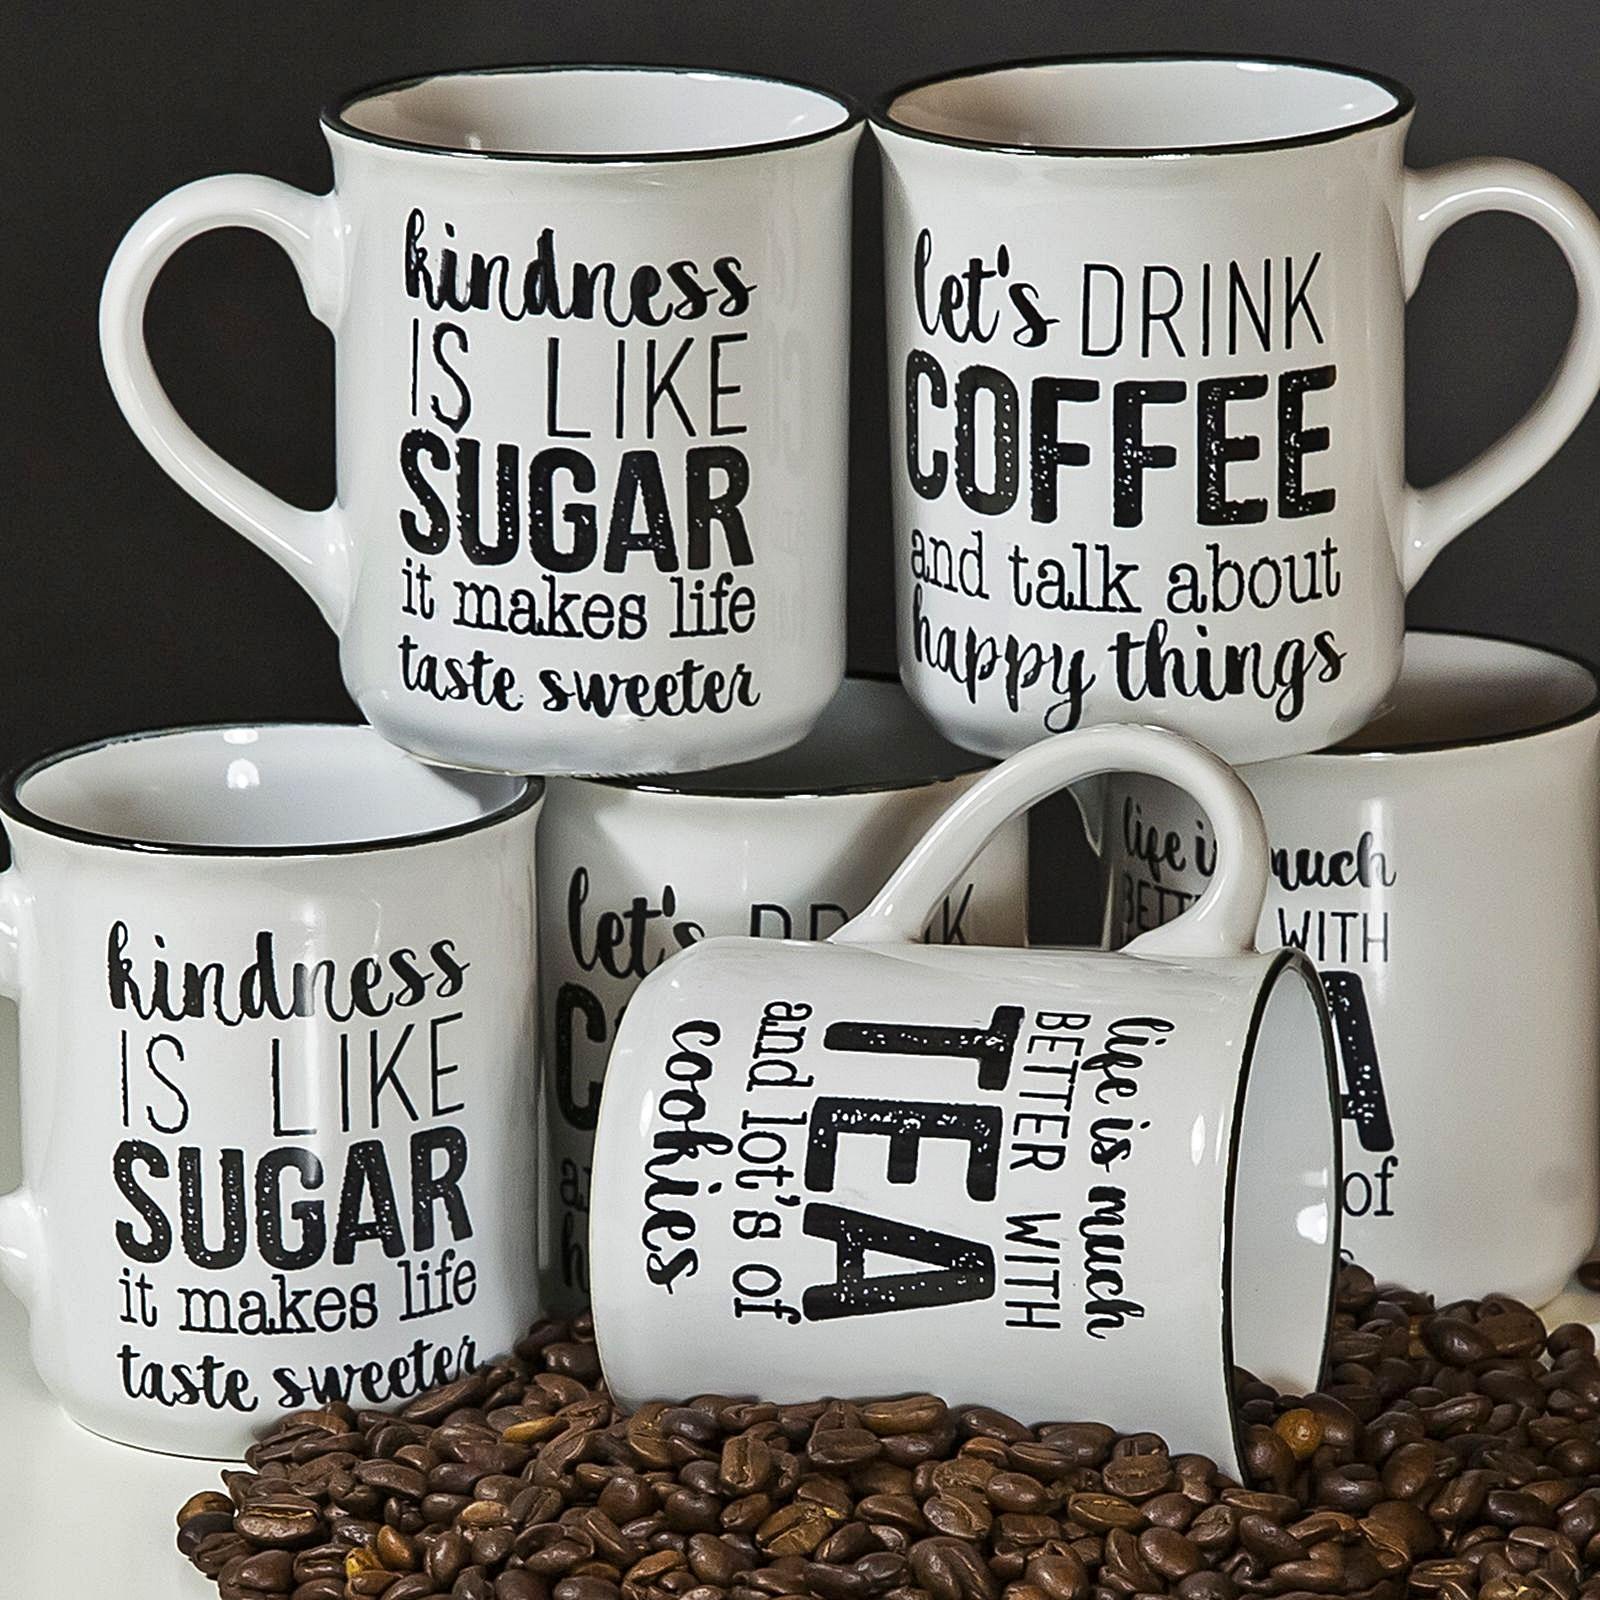 Große Tasse Kaffee : 6er set tasse tassen 300 ml kaffeetasse gro e becher keramik kaffee mug aufdruck ebay ~ A.2002-acura-tl-radio.info Haus und Dekorationen